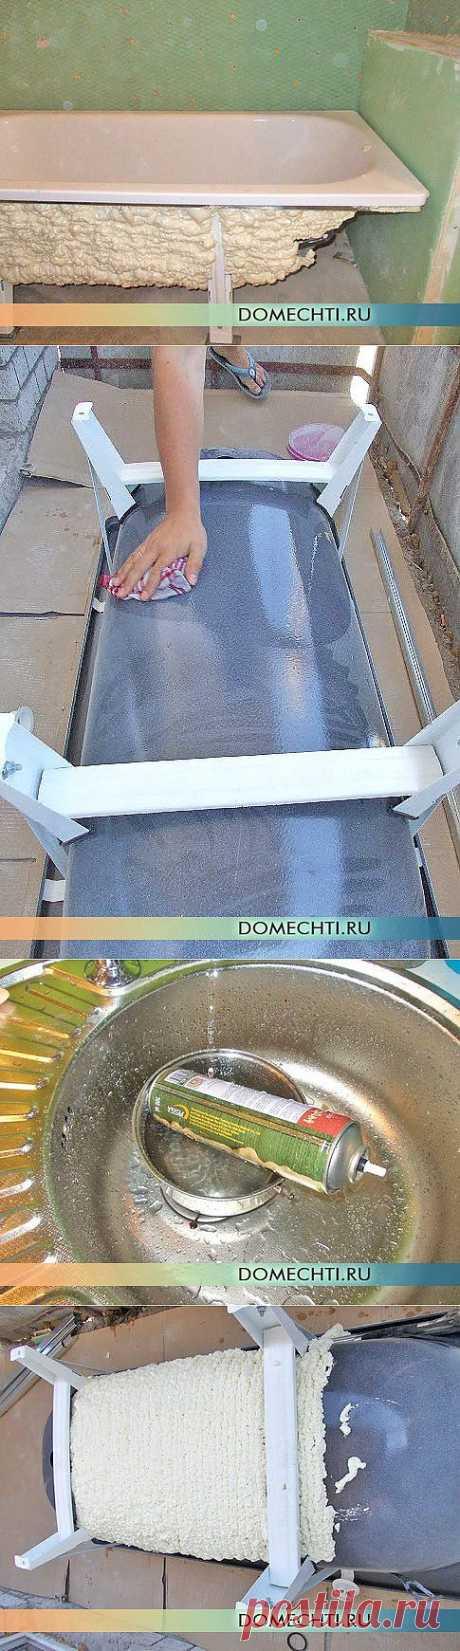 Утепление и звукоизоляция стальной ванны своими руками (фото)   Дом Мечты